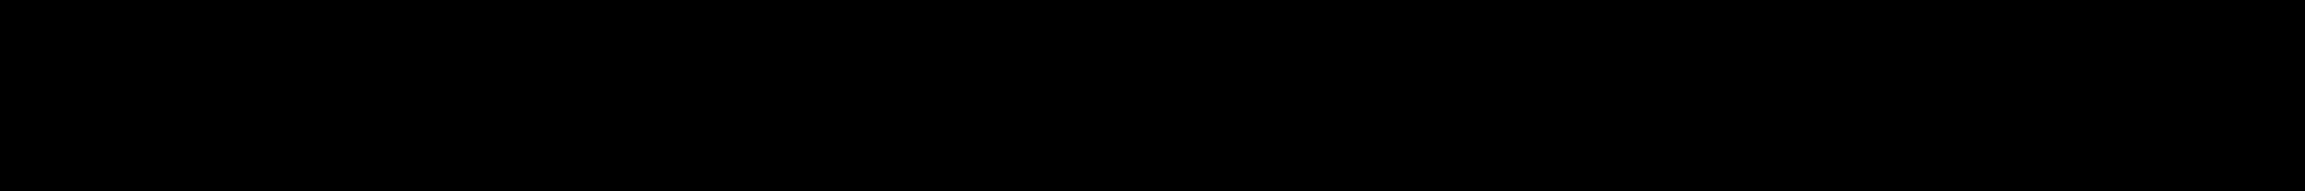 YWFT Ultramagnetic Bold